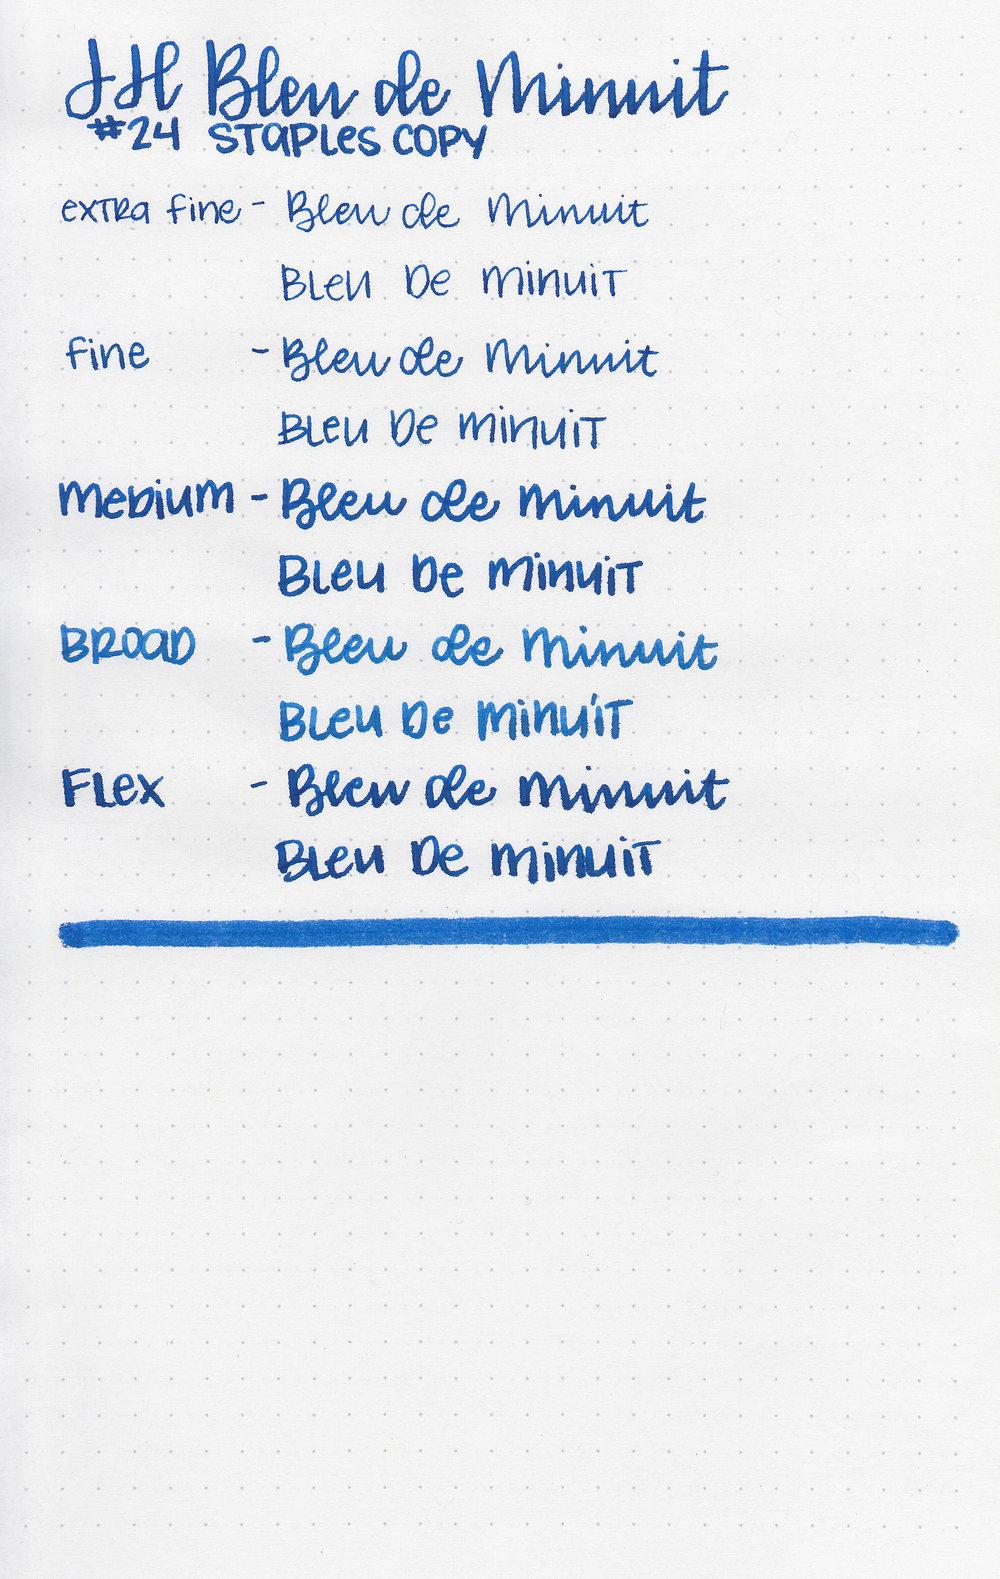 jh-bleu-de-minuit-9.jpg